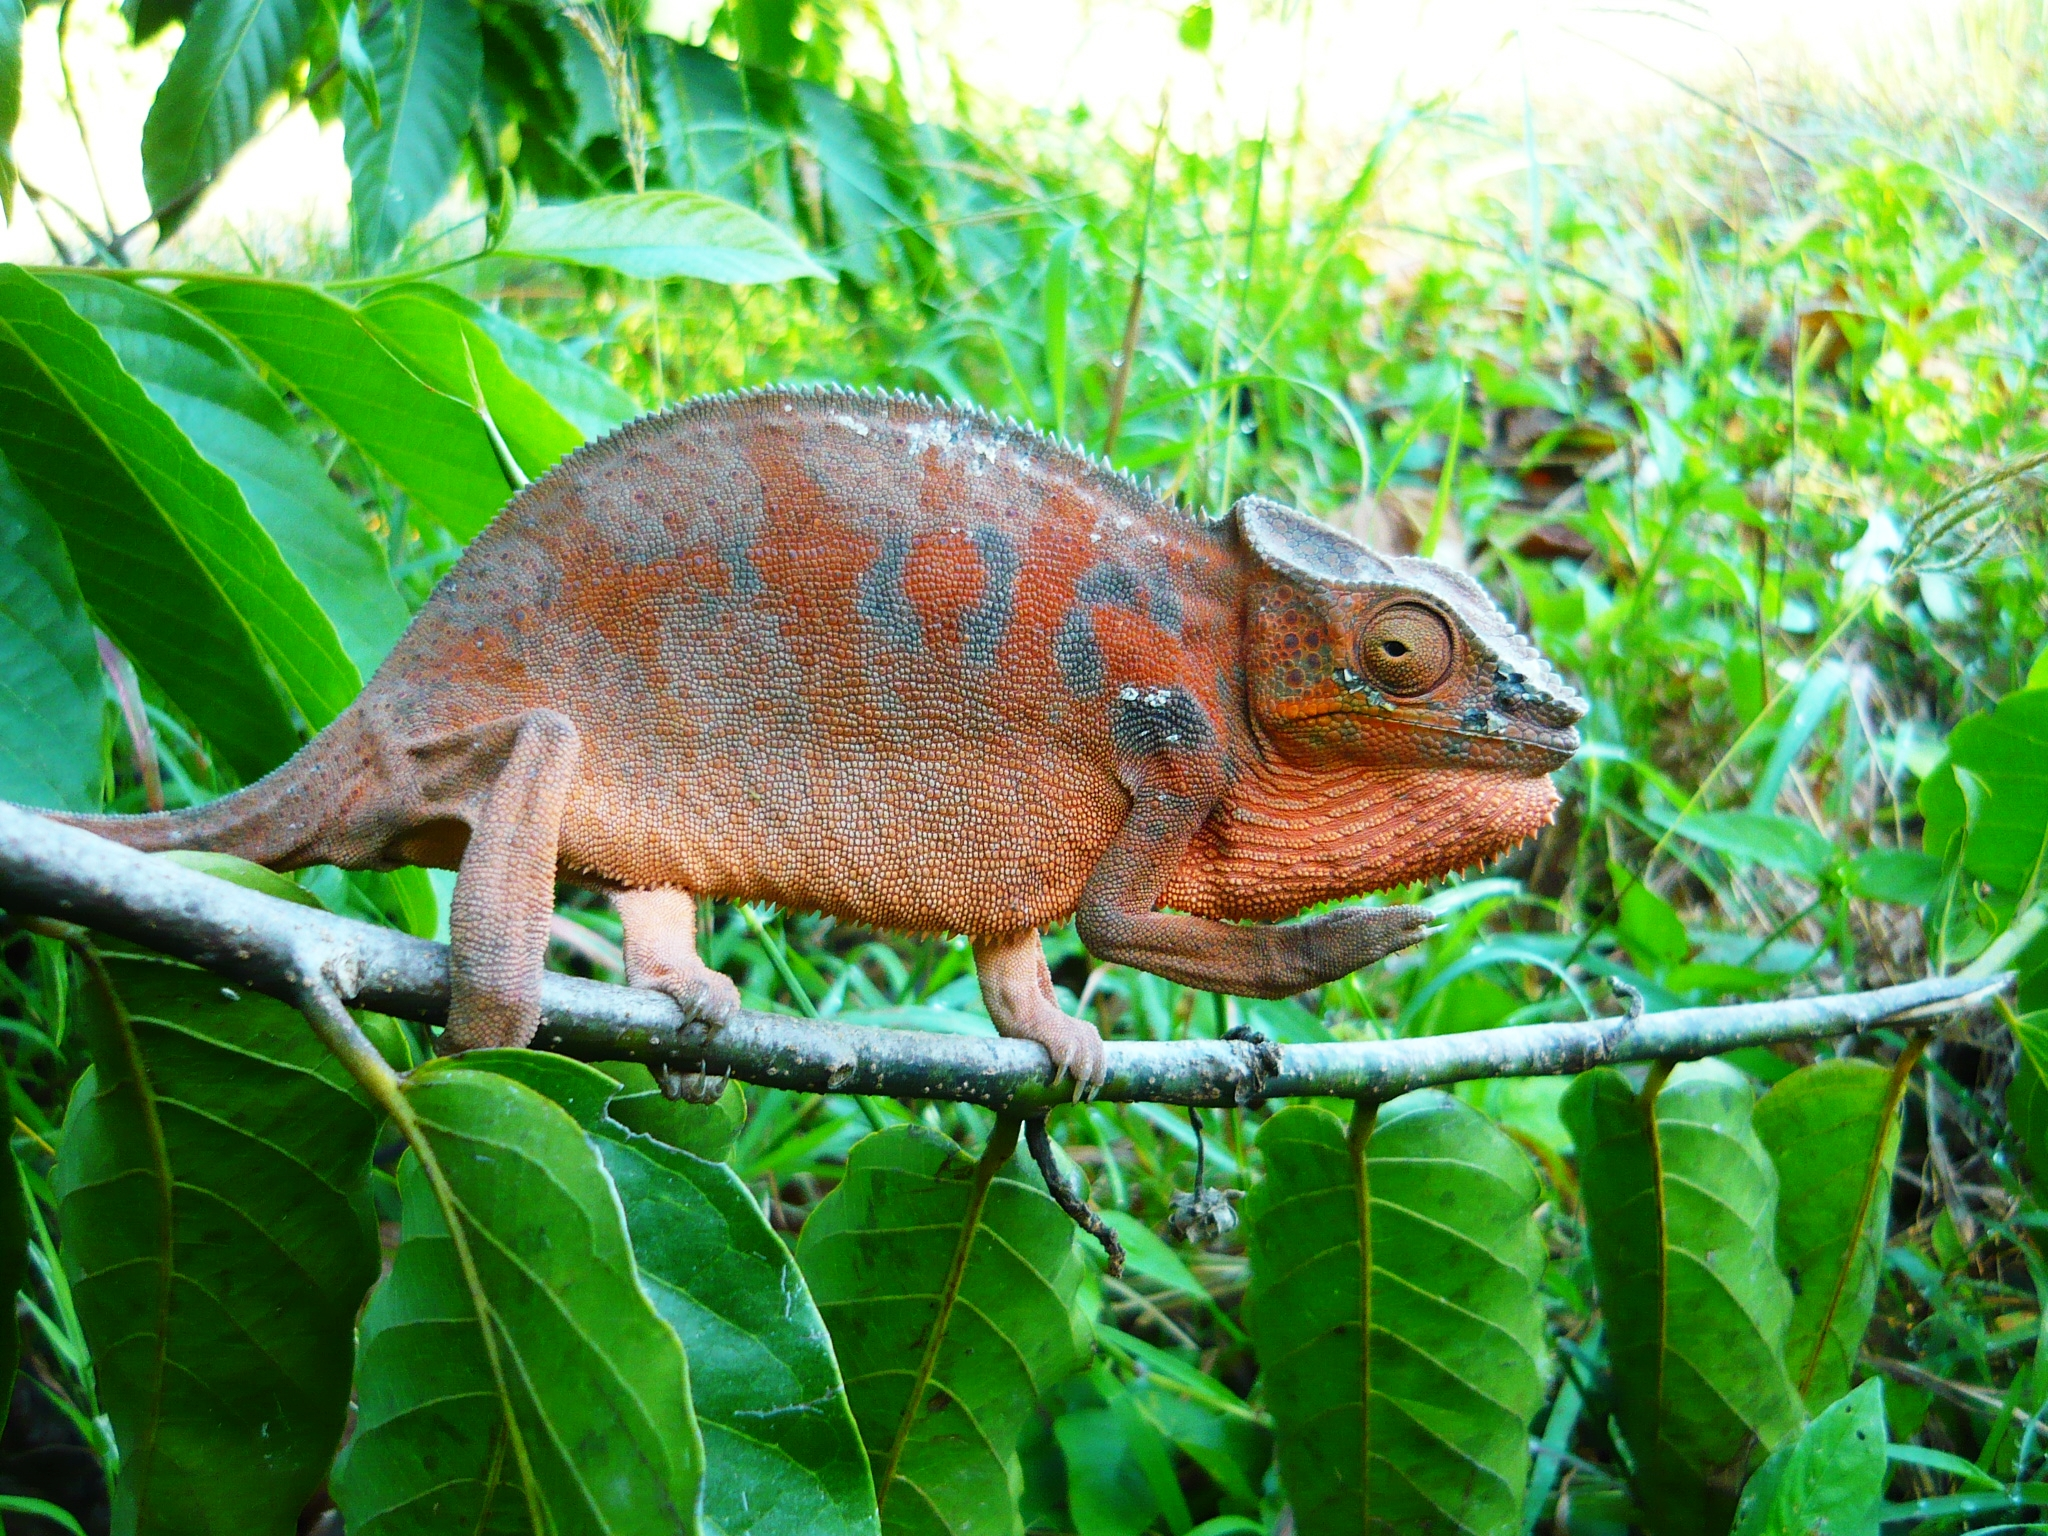 Kameleon na gałęzi. W tle zielone liście